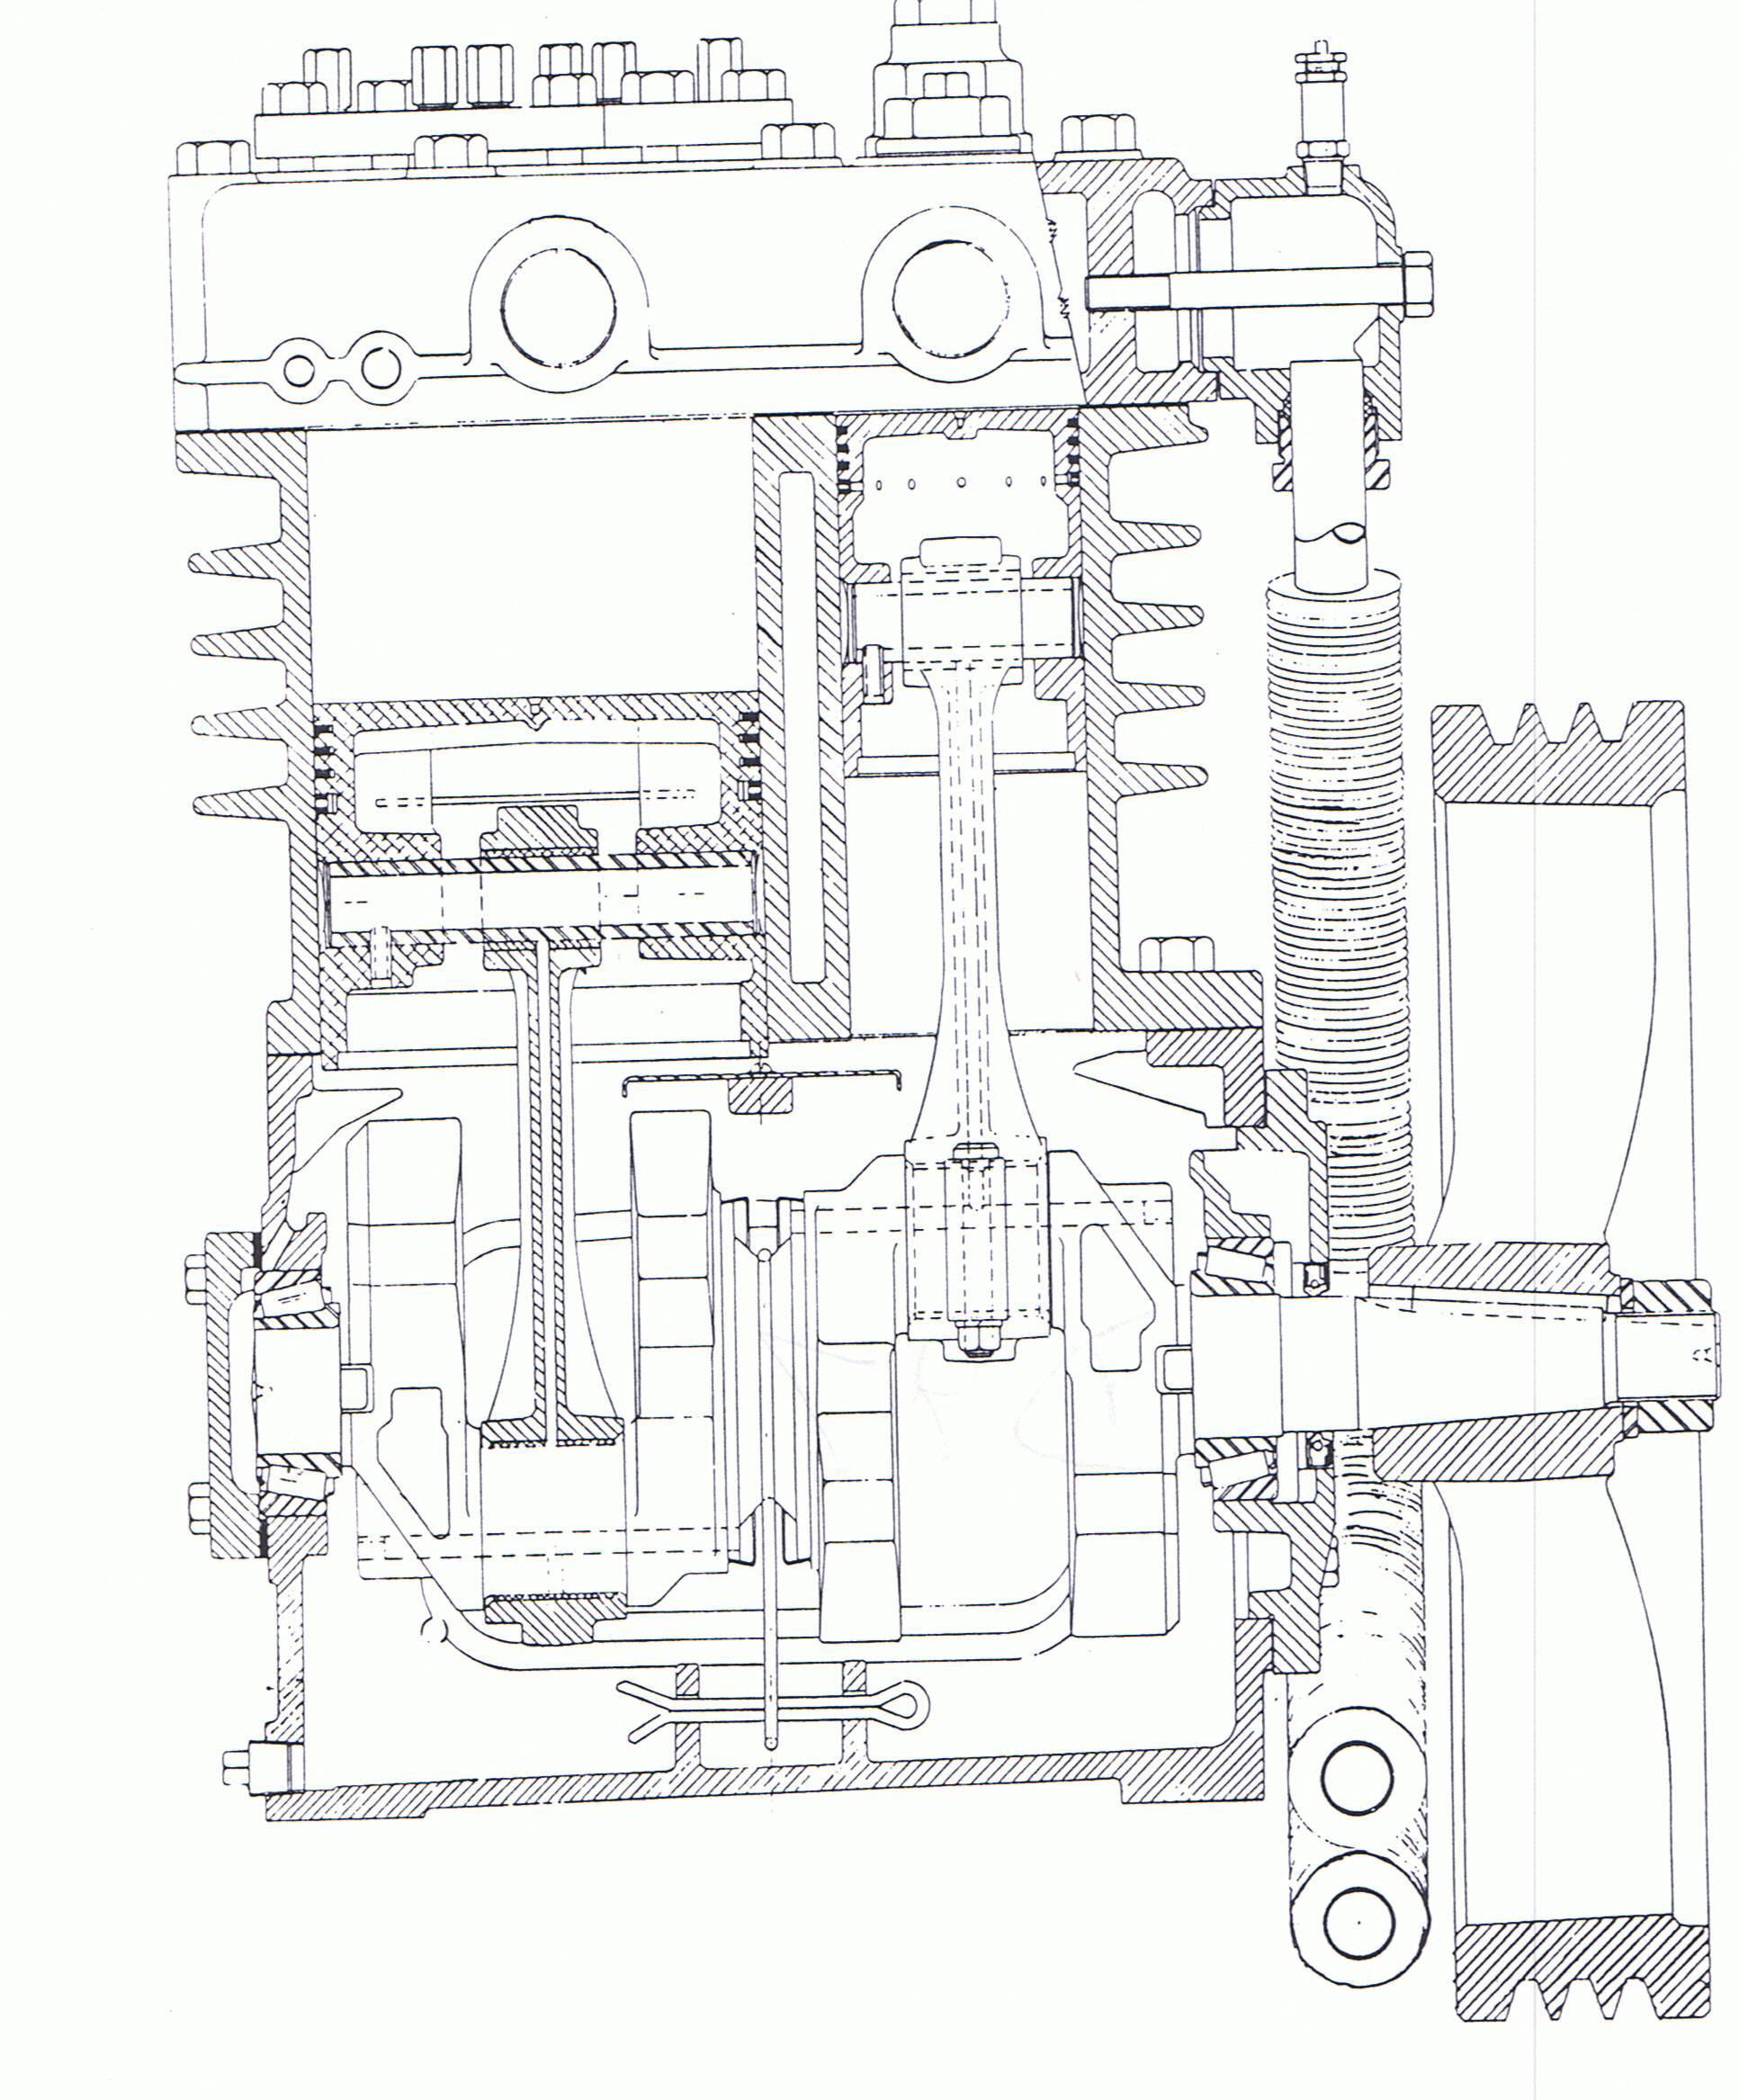 C97 D97 E97 Inventory